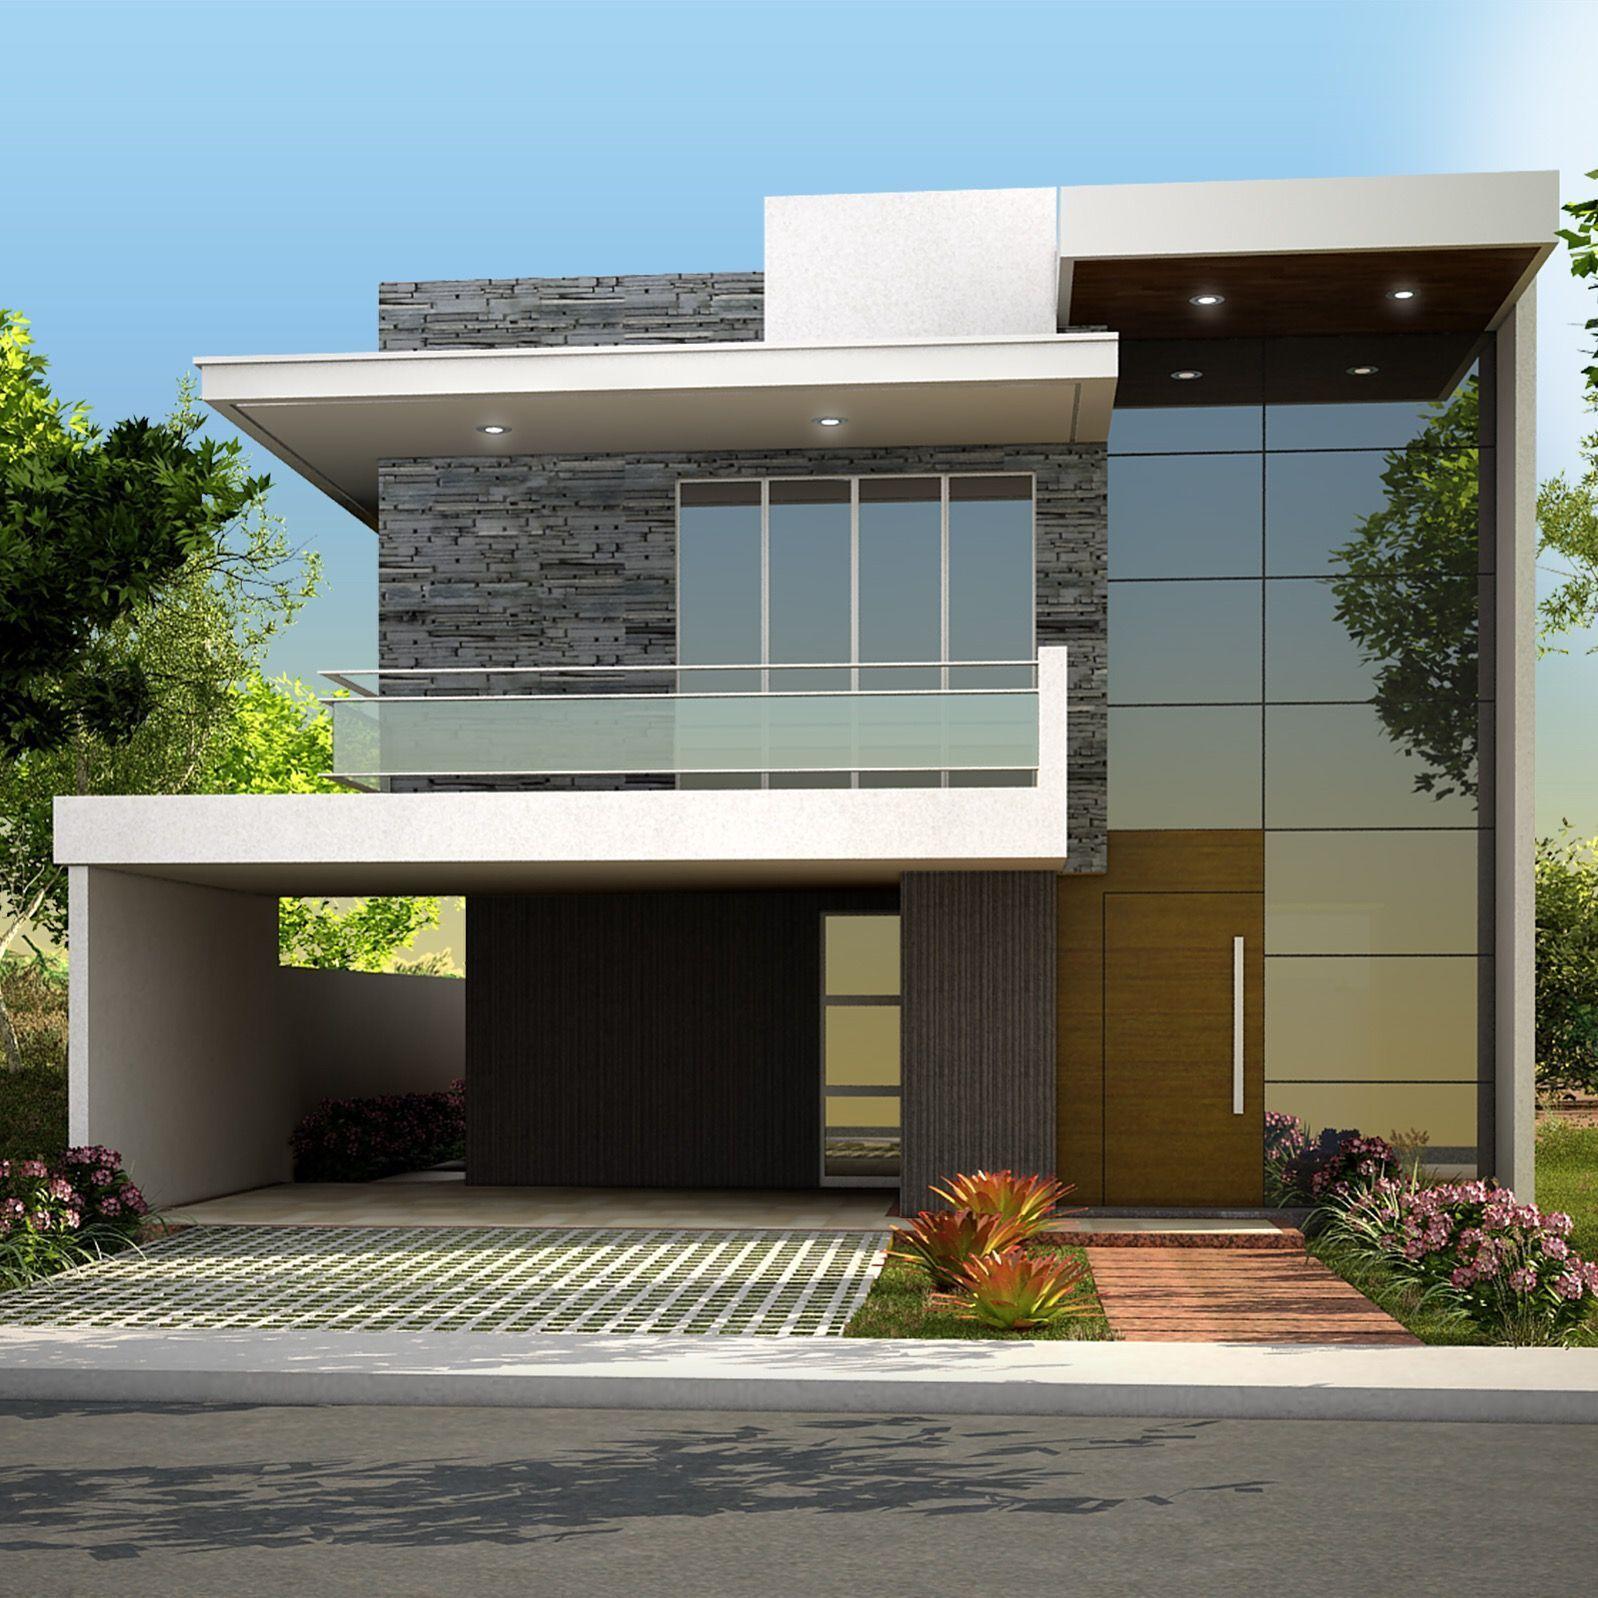 Casasminimalistasinteriores casas y cosas modernas for Viviendas minimalistas pequenas